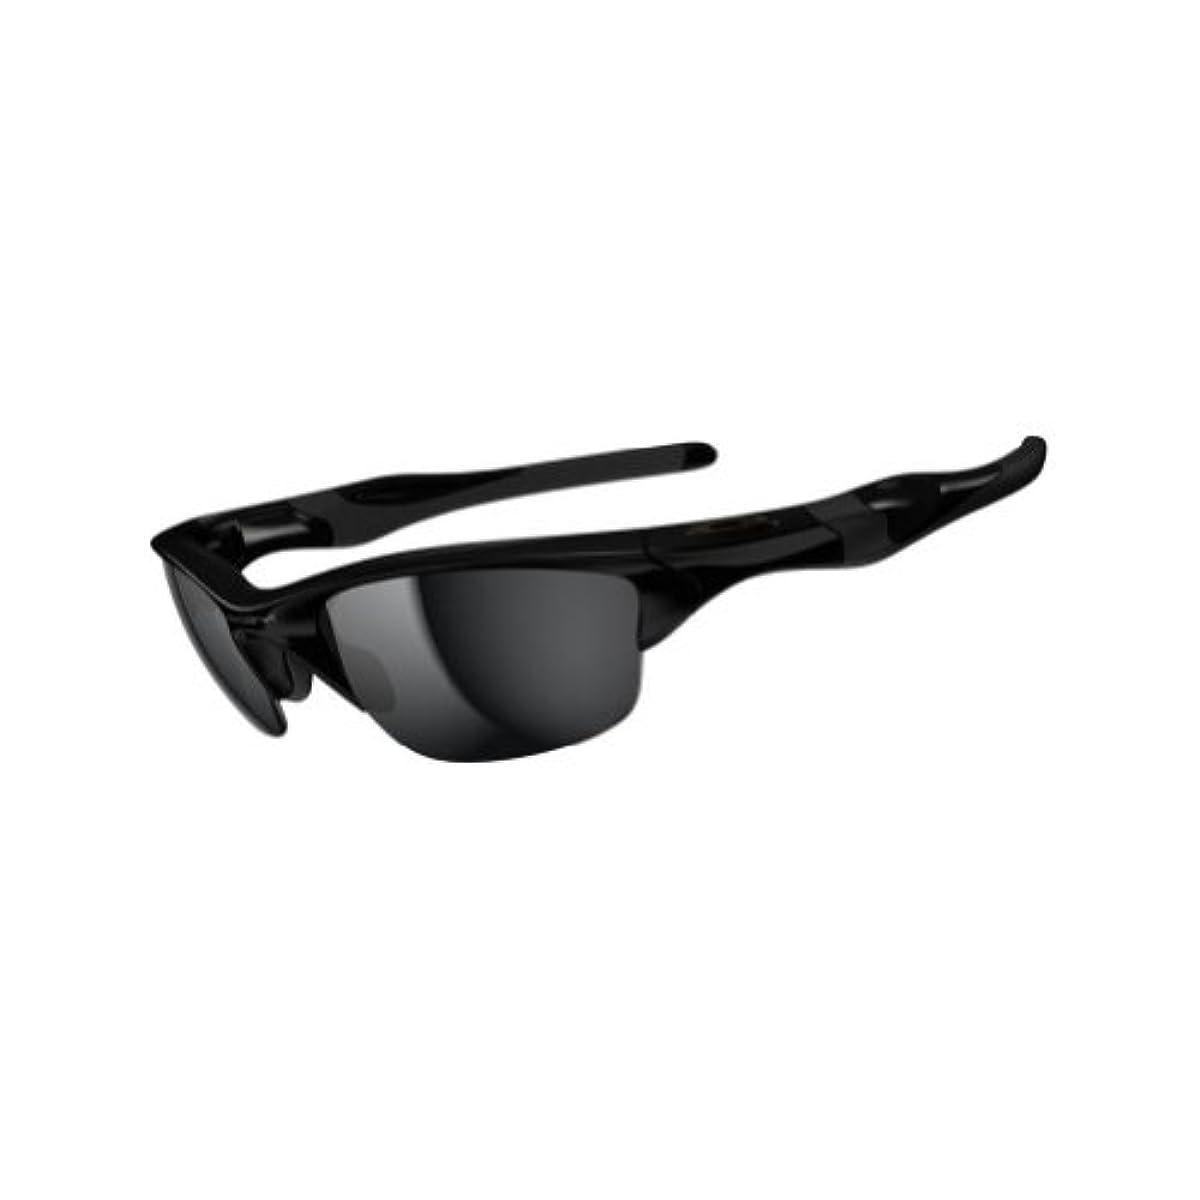 [해외] [오클리] OAKLEY 썬글라스 HALF JACKET 2.0